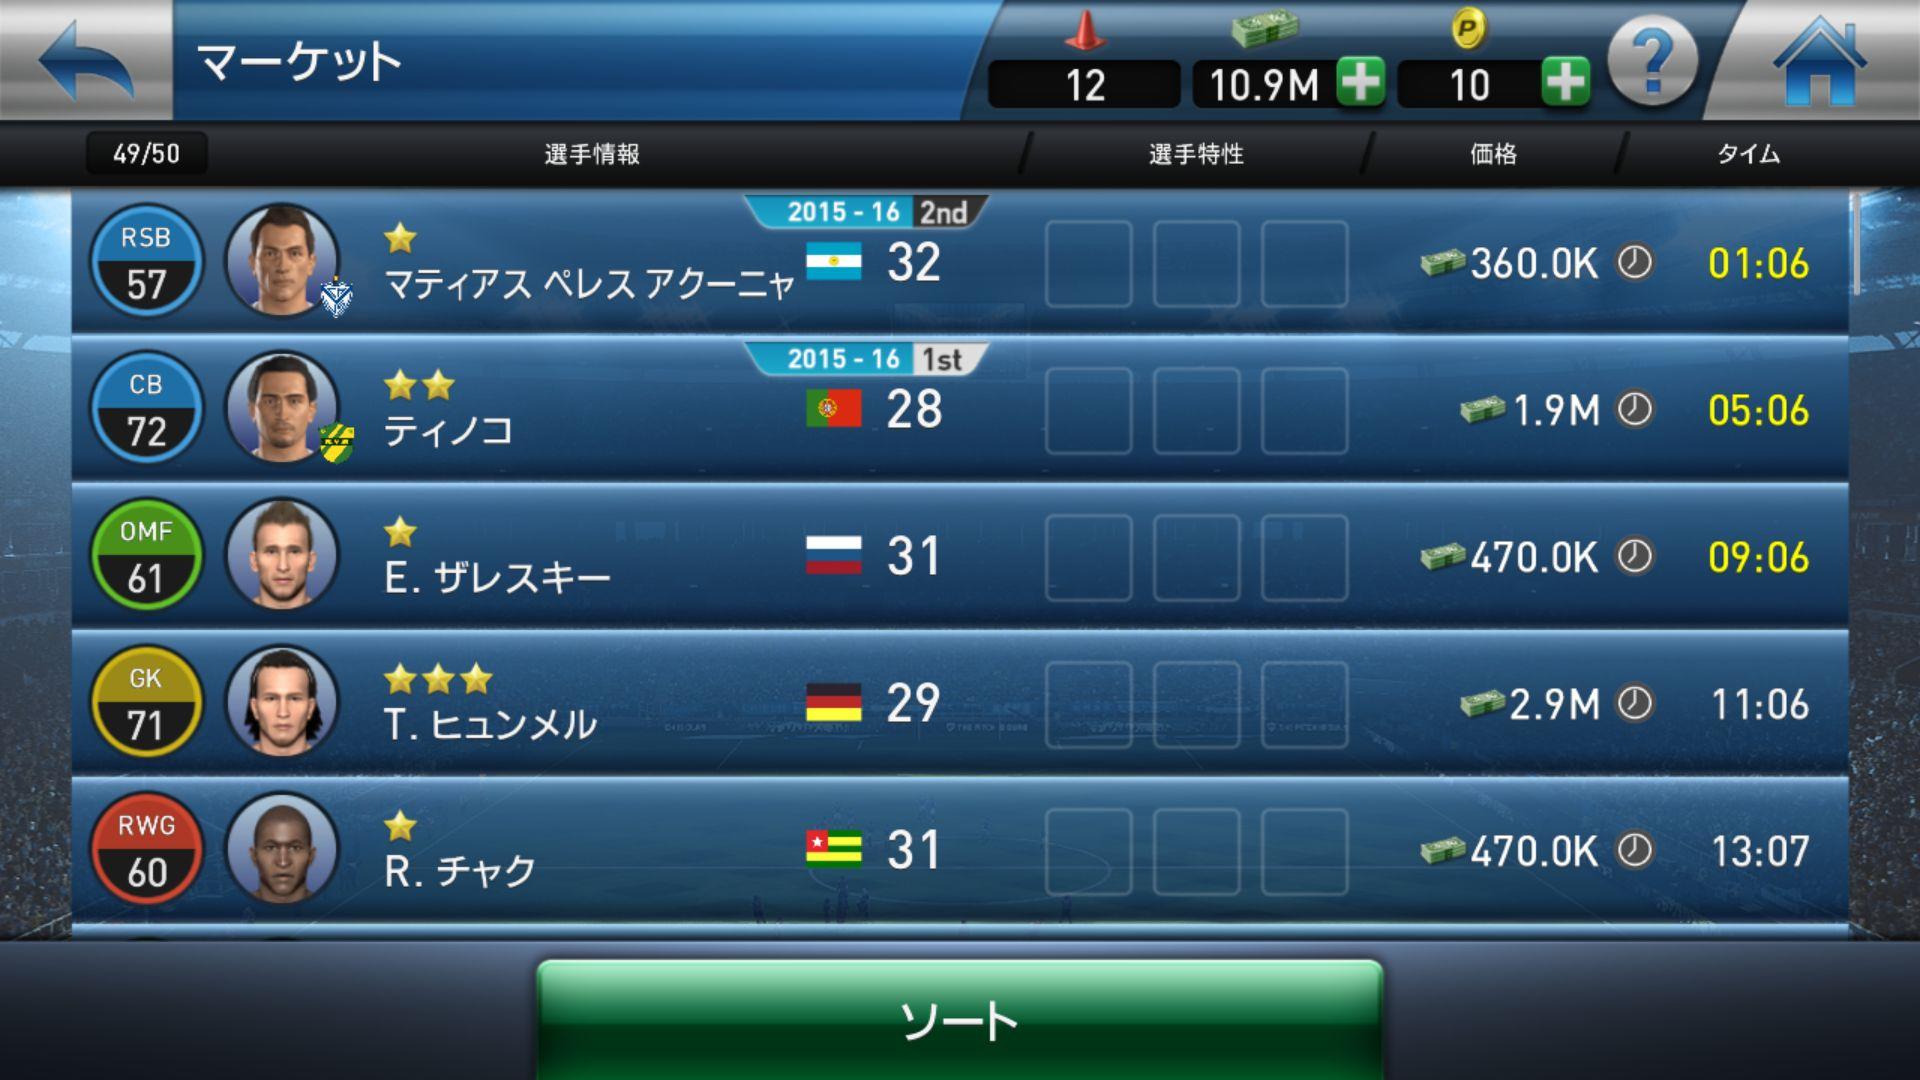 androidアプリ ウイイレクラブマネージャー【ウイクラ】PESCM攻略スクリーンショット2